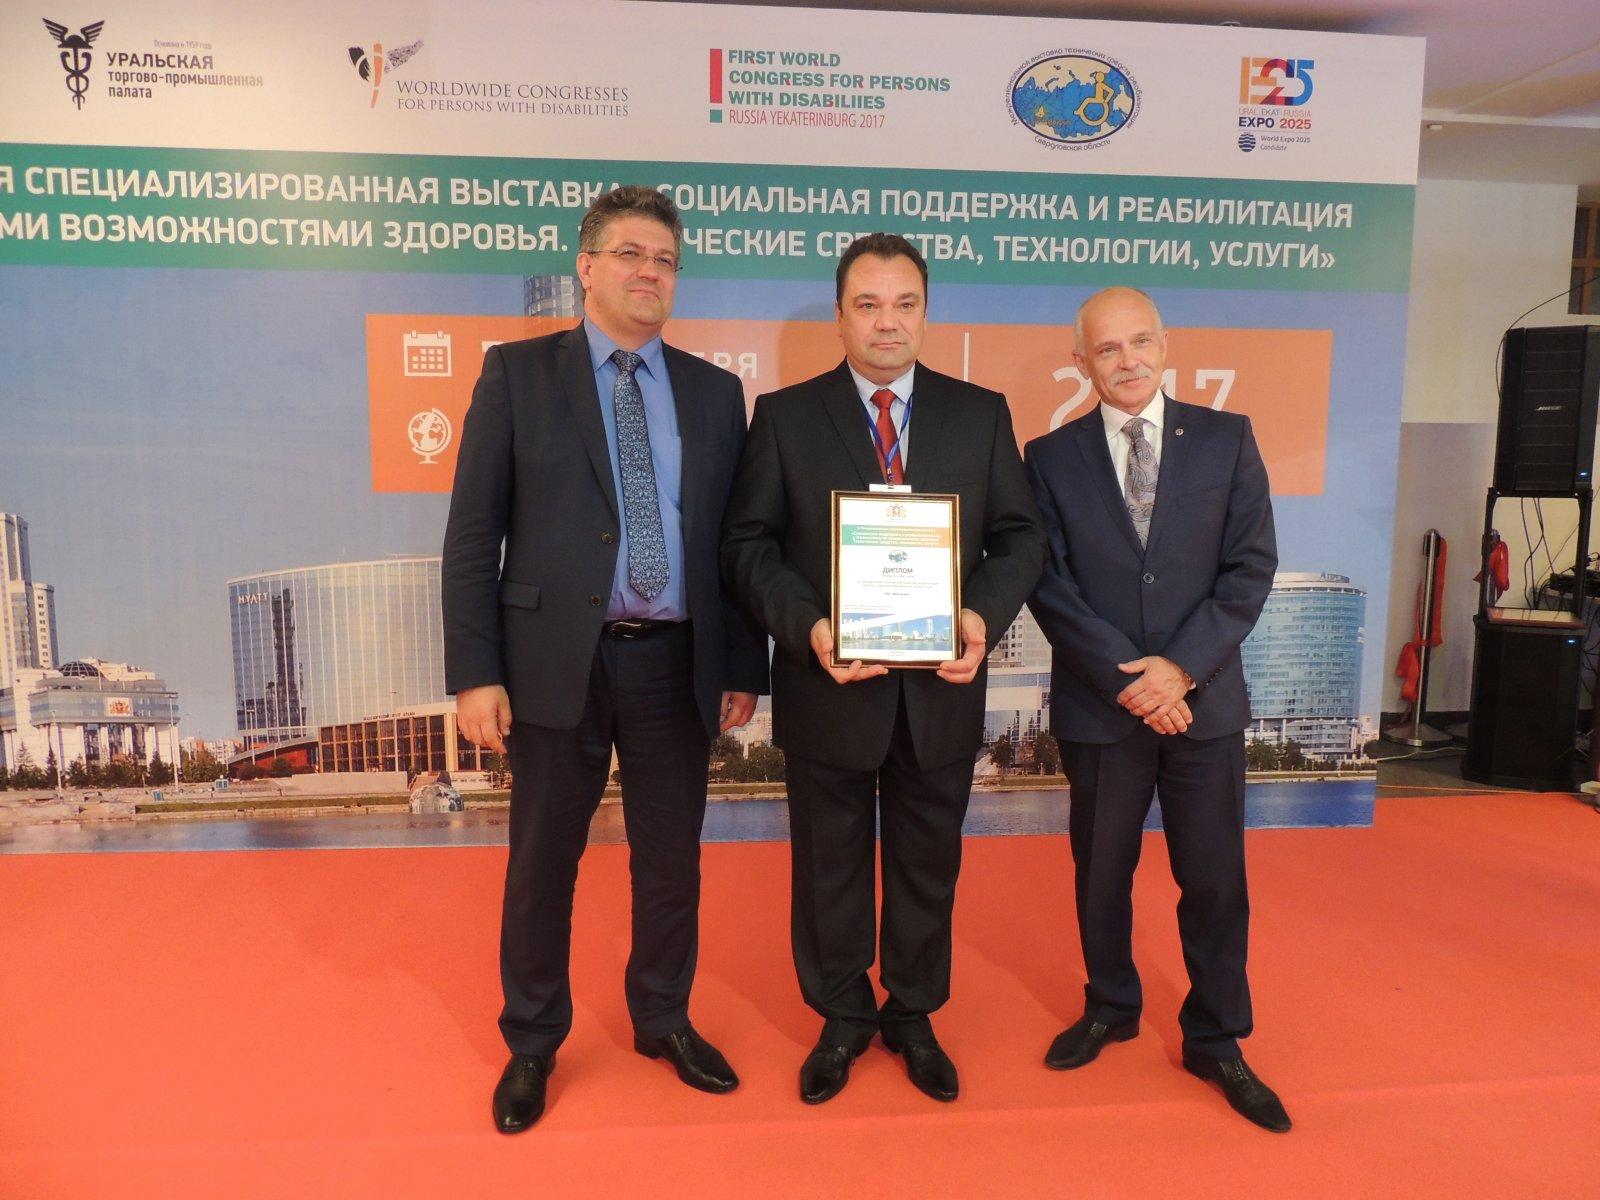 На выставке, посвященной доступной среде, вручили четыре премии за лучшие технические средства реабилитации